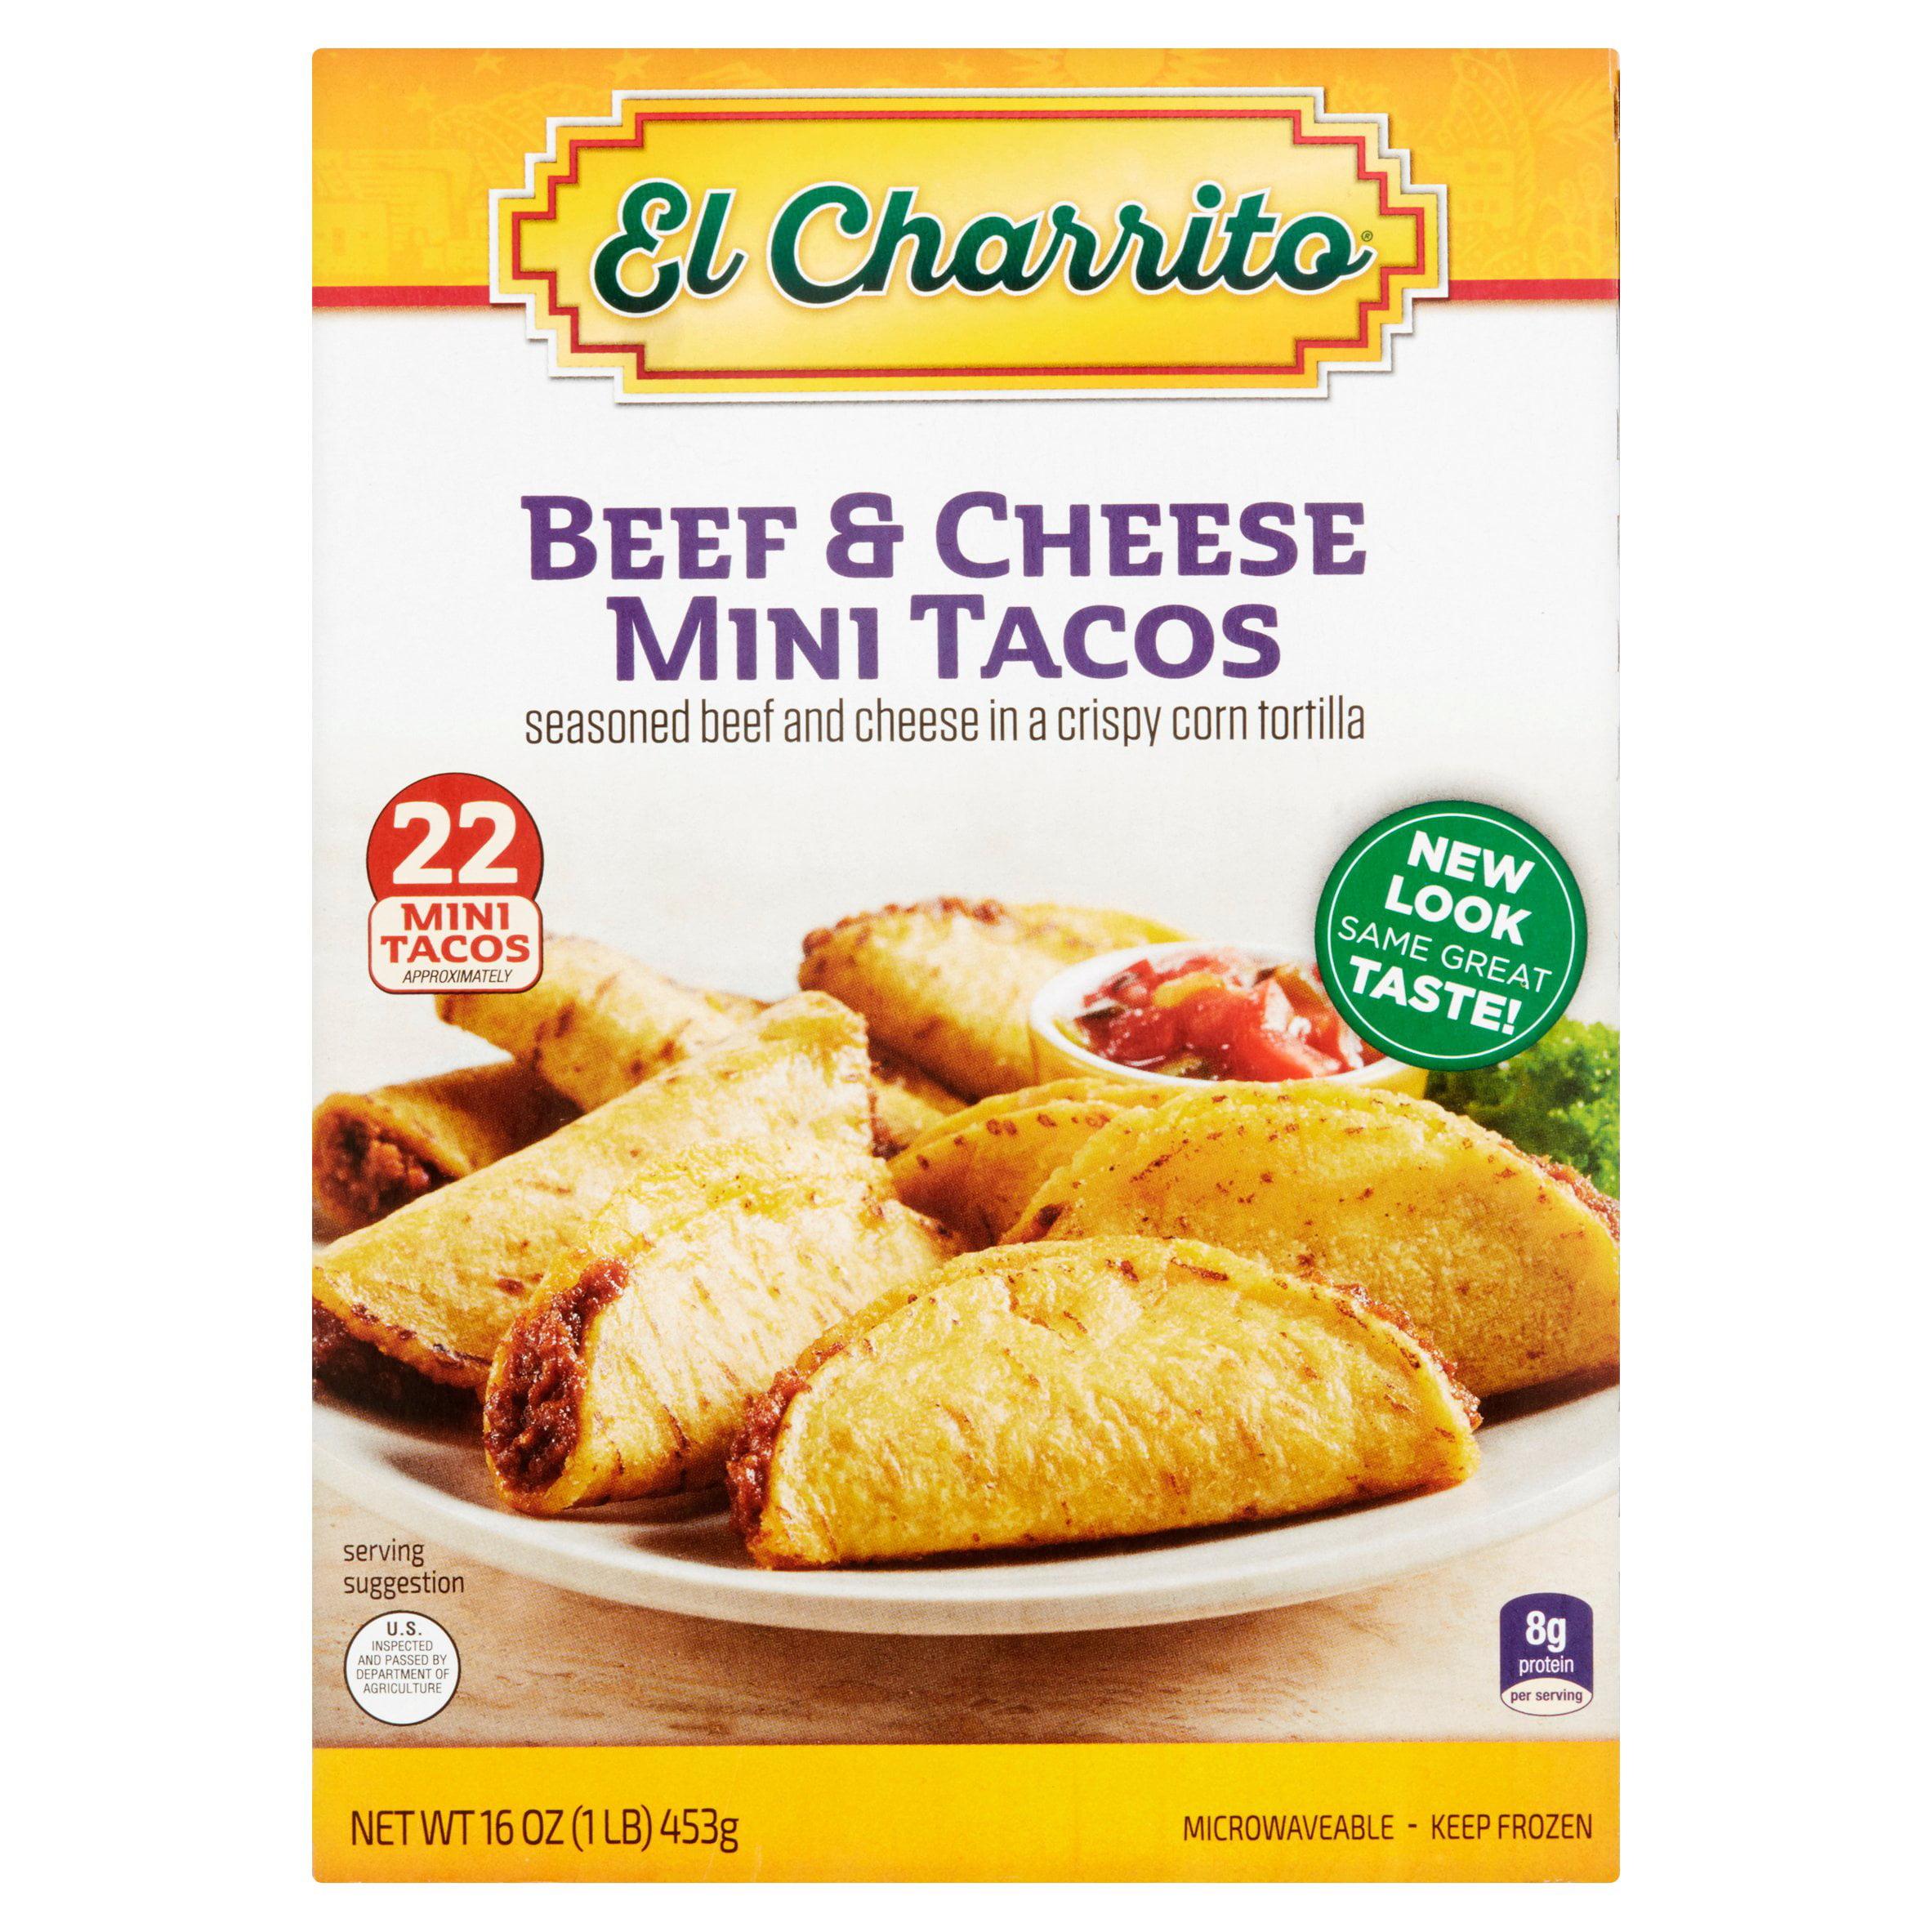 El Charrito Beef & Cheese Mini Tacos, 22 count, 16 oz